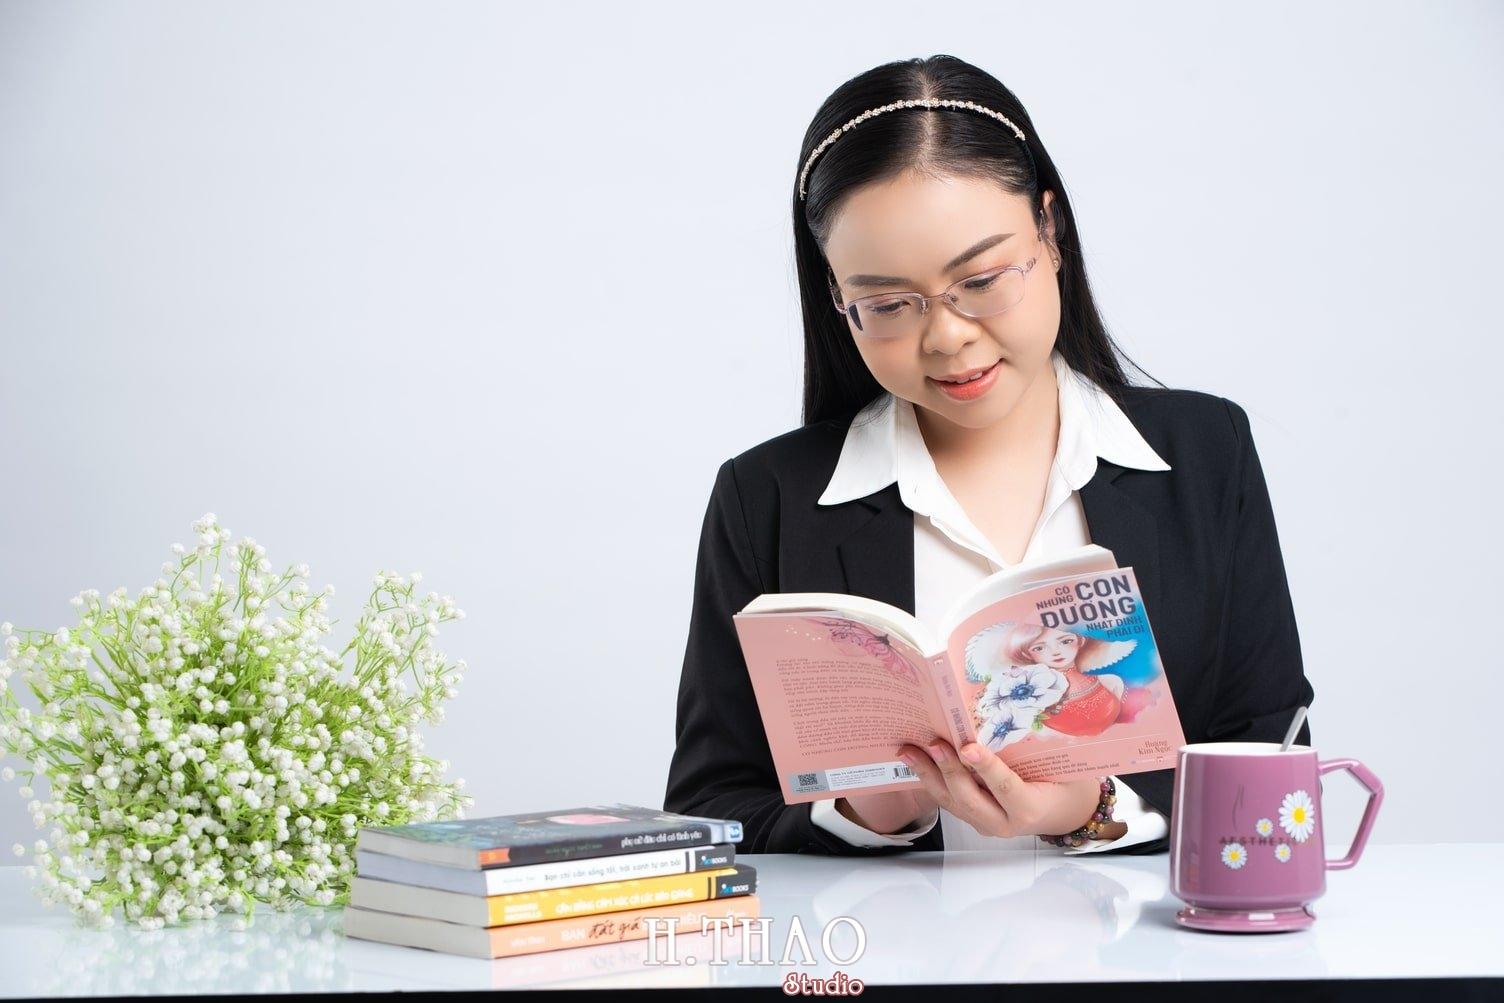 Anh Doanh nhan 8 1 - Góc ảnh doanh nhân, MC Khánh Vy đẹp năng động – HThao Studio